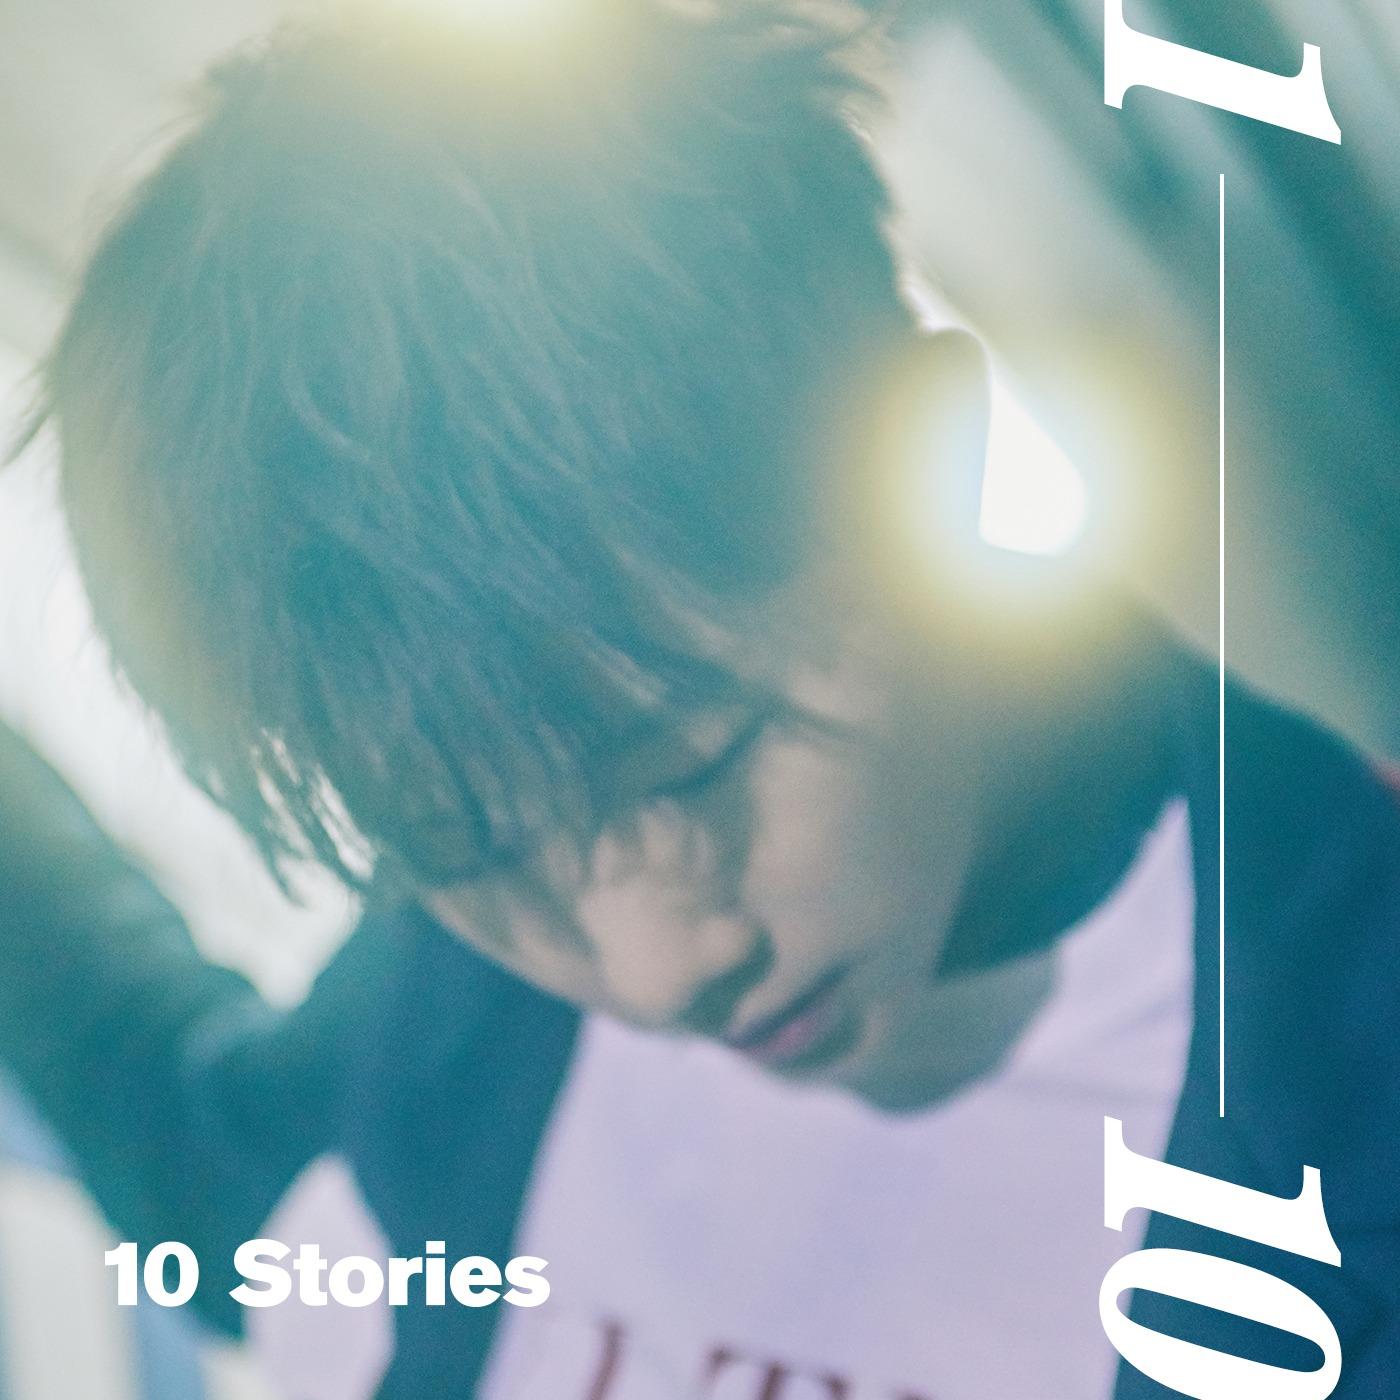 10 Stories Kpop Wiki Fandom